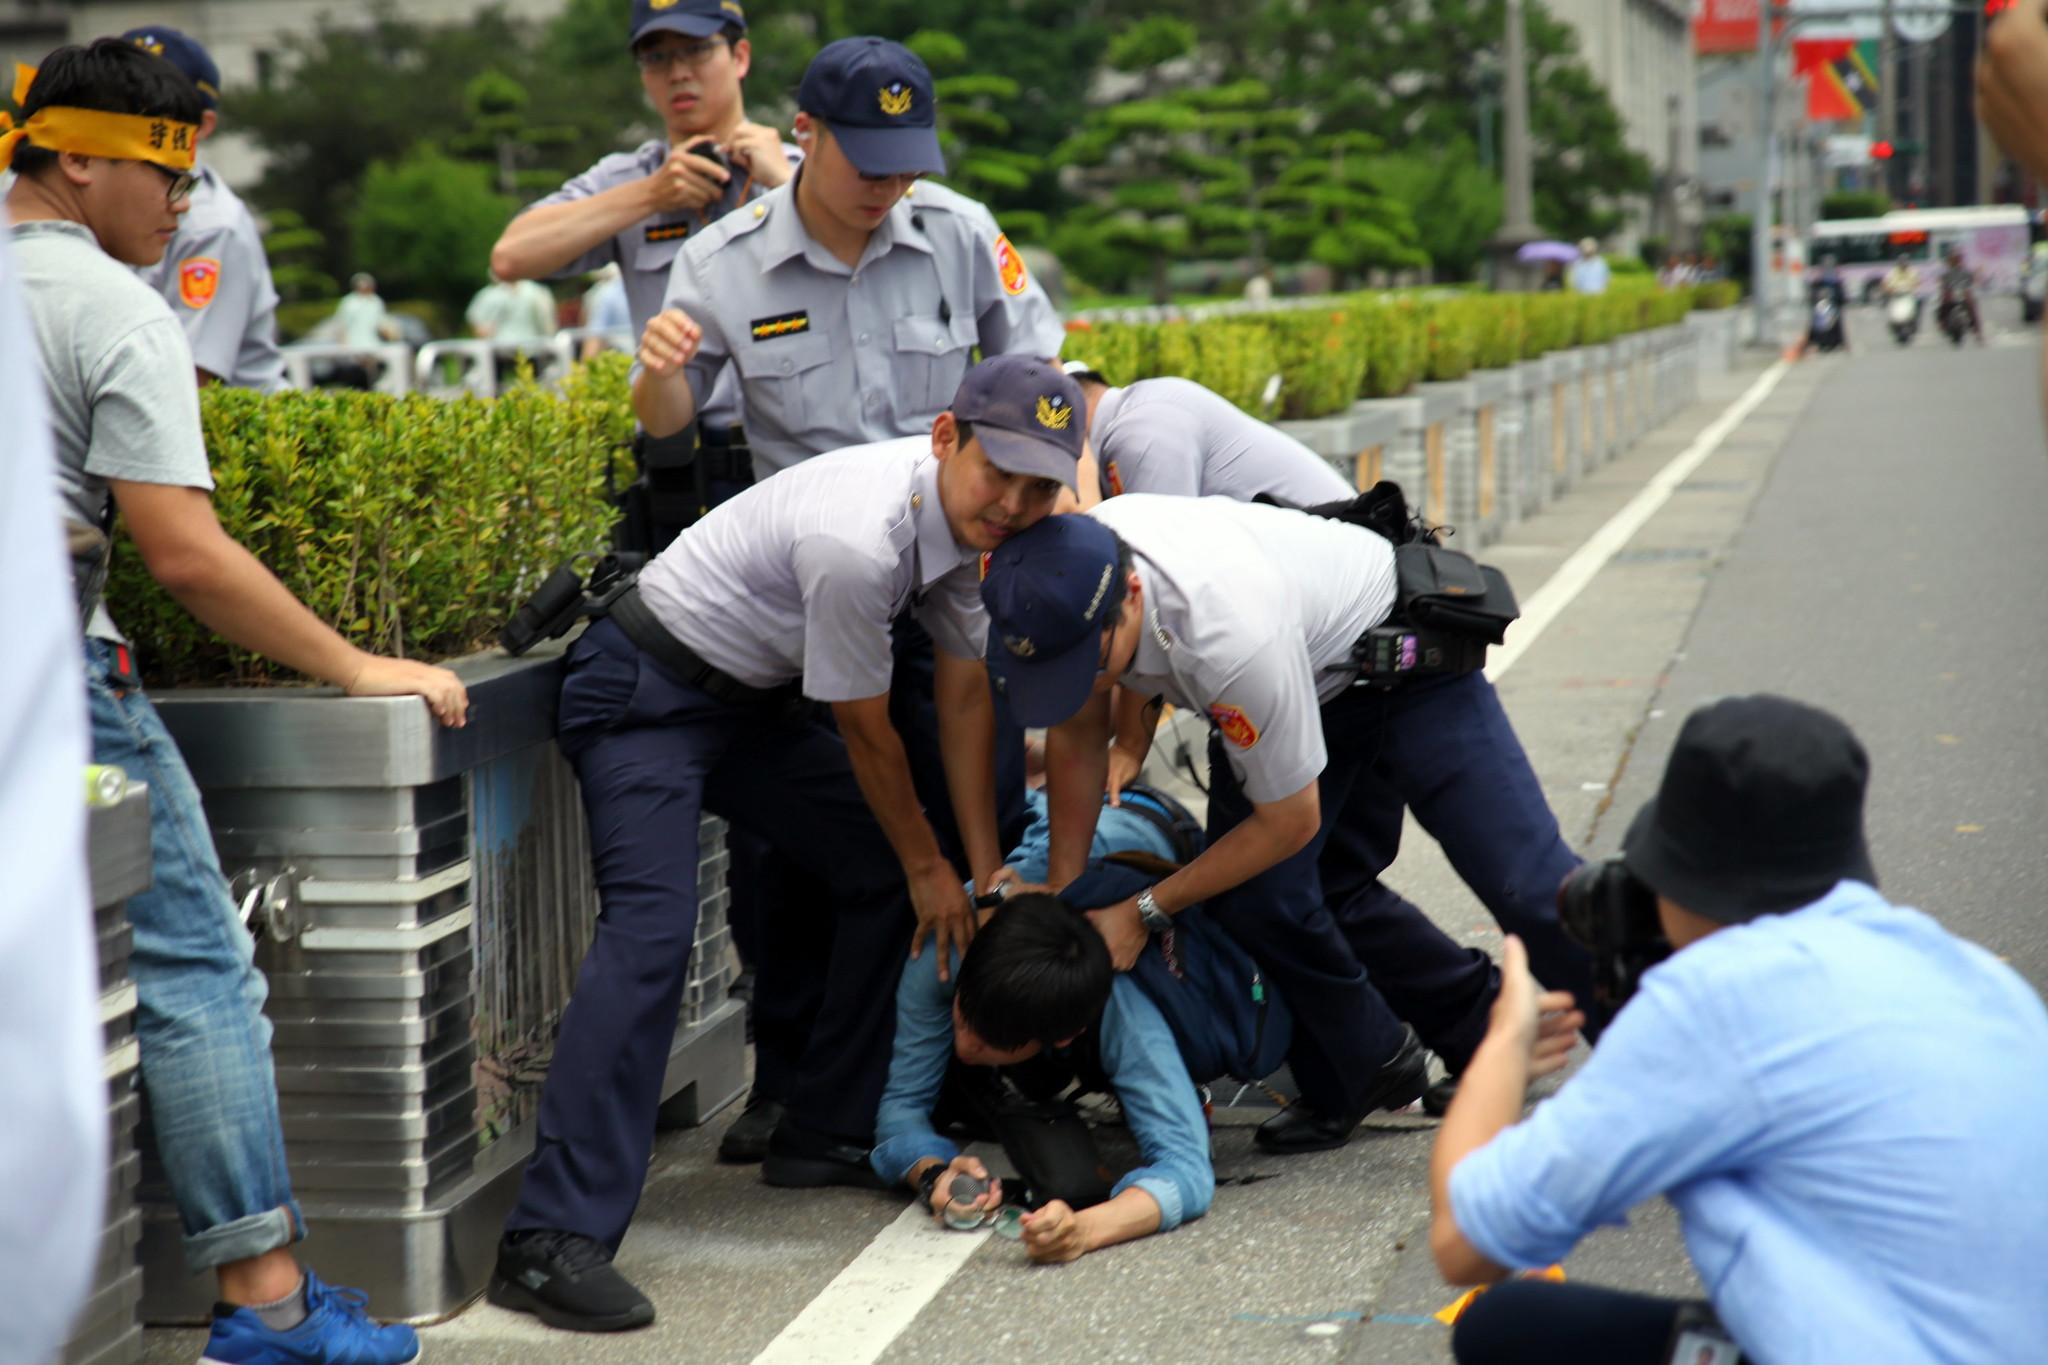 声援者冲上总统府,遭警方压制。(摄影:陈逸婷)